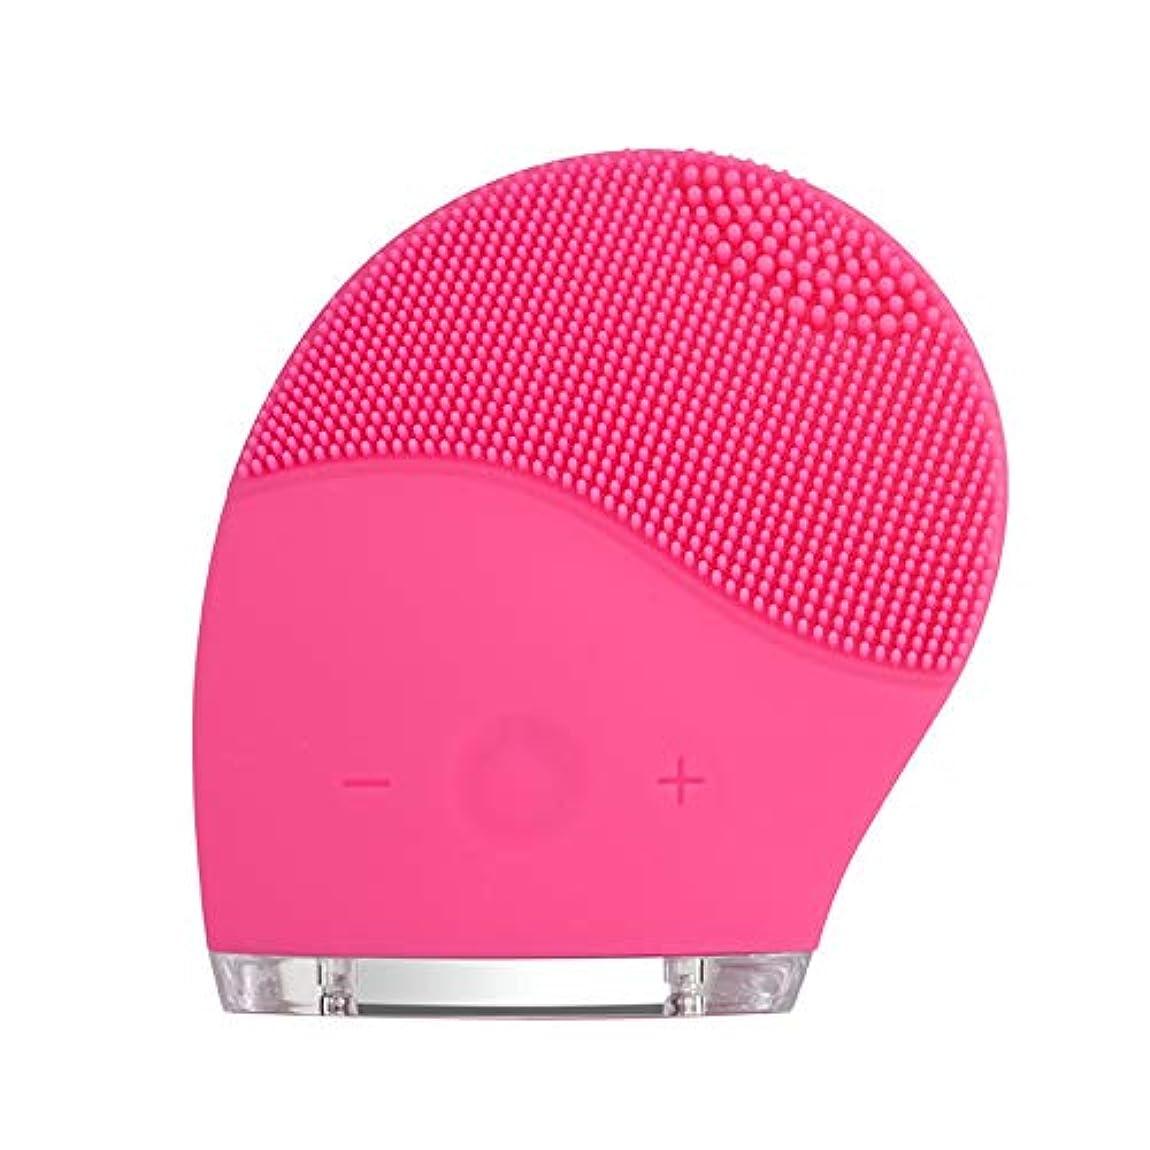 フリッパー厚さ有利kaixi 2019最新のシリコーンクレンジング楽器洗浄ブラシ電気美容器具毛穴きれいな柔らかい髪振動充電式洗浄アーティファクト